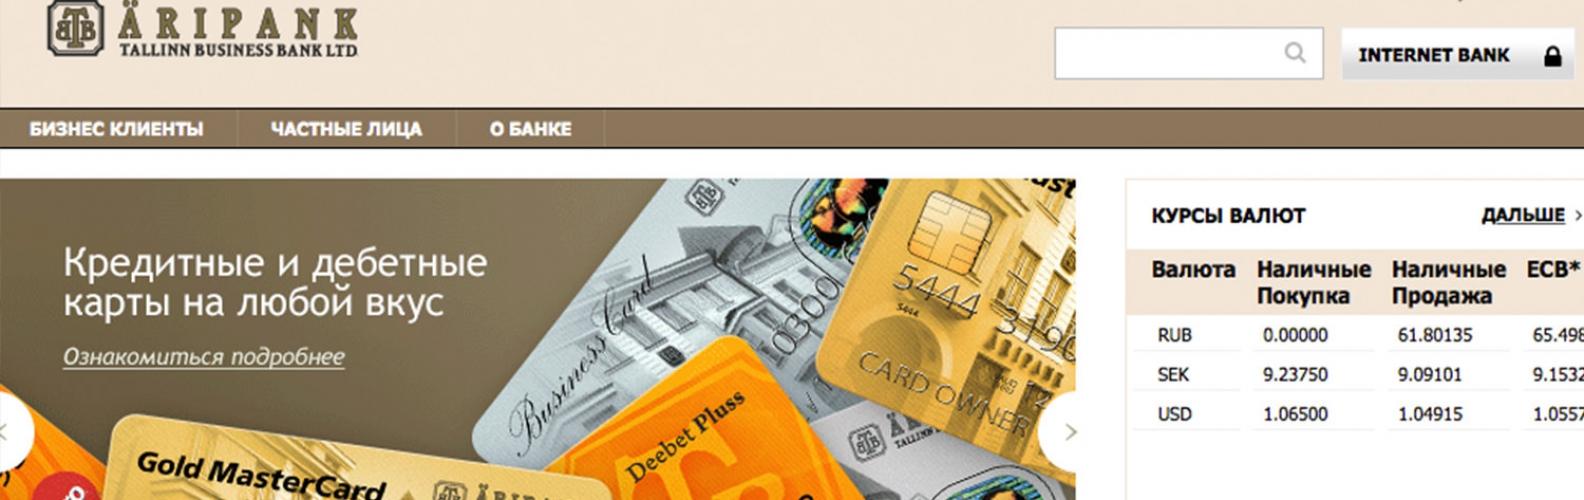 Таллиннский Бизнес-Банк